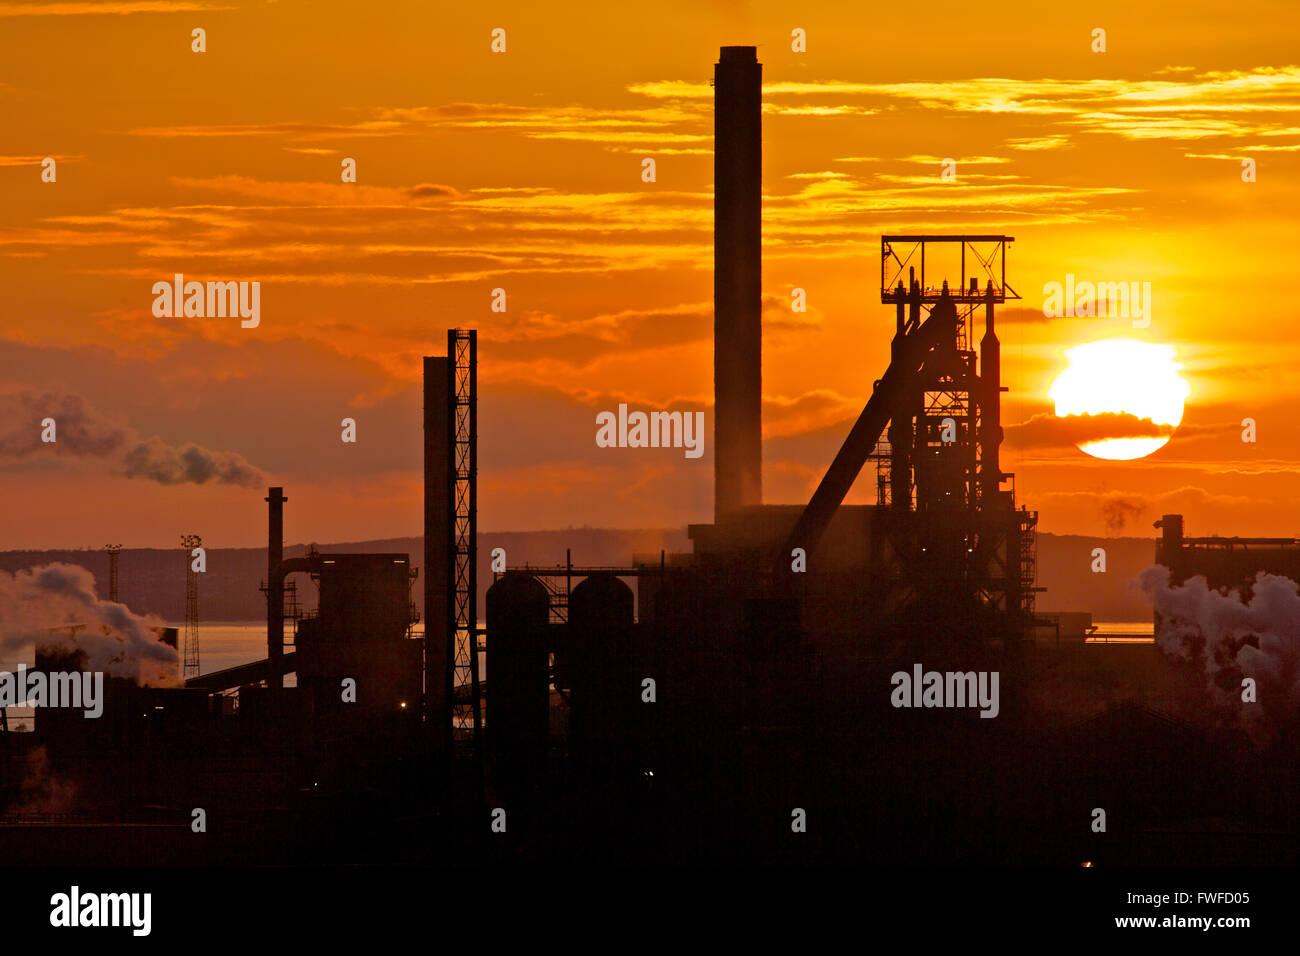 Tata Steel Works, Port Talbot, Gales del Sur, Reino Unido. El 4 de abril de 2016. Sun setts sobre Tata Steel Works, Port Talbot, Gales del Sur, en un día que el Gobierno galés se volvió a reunir para discutir la crisis. Más de 4000 puestos de trabajo están en riesgo después de Tata Steel anunció la semana pasada su intención de vender es acero sitios de trabajo en todo el Reino Unido. Crédito: Haydn Denman/Alamy Live News Foto de stock